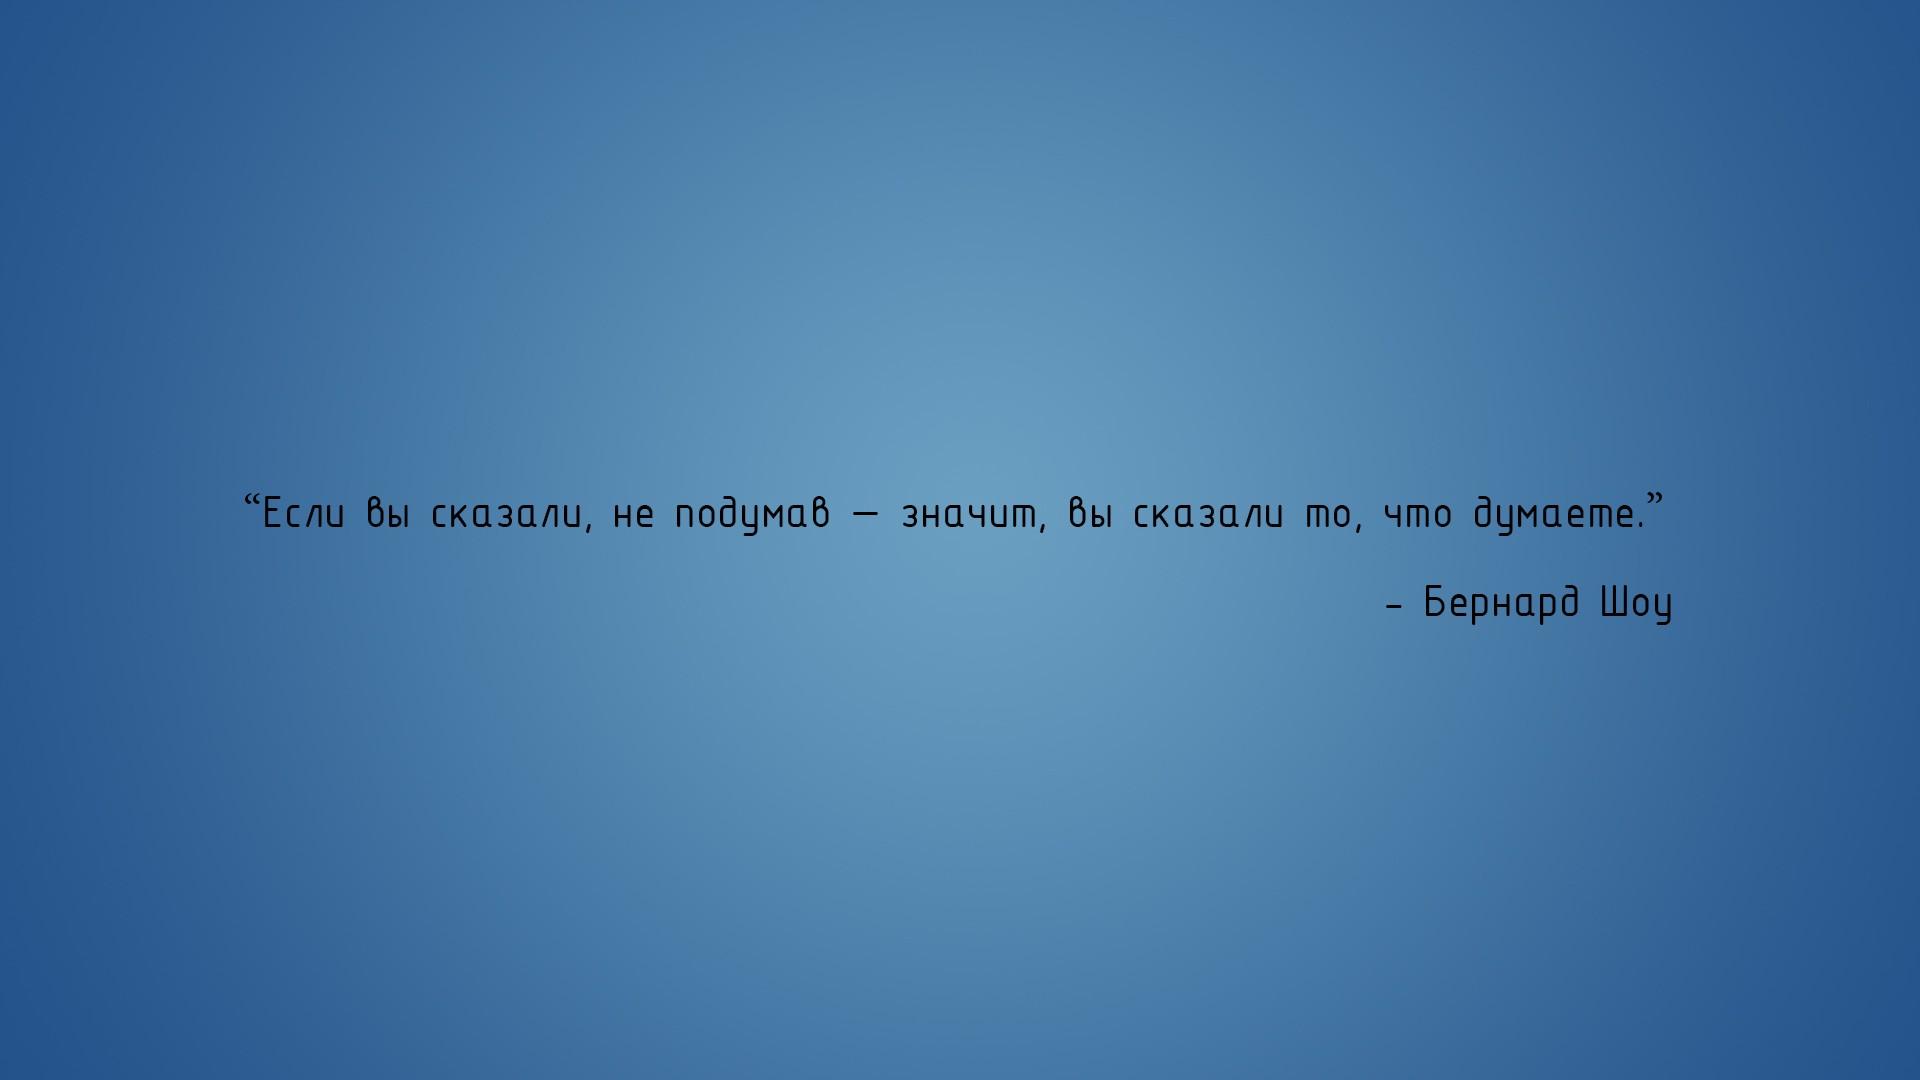 Sfondi Cielo Testo Logo Scrittura Russo Marca Linea